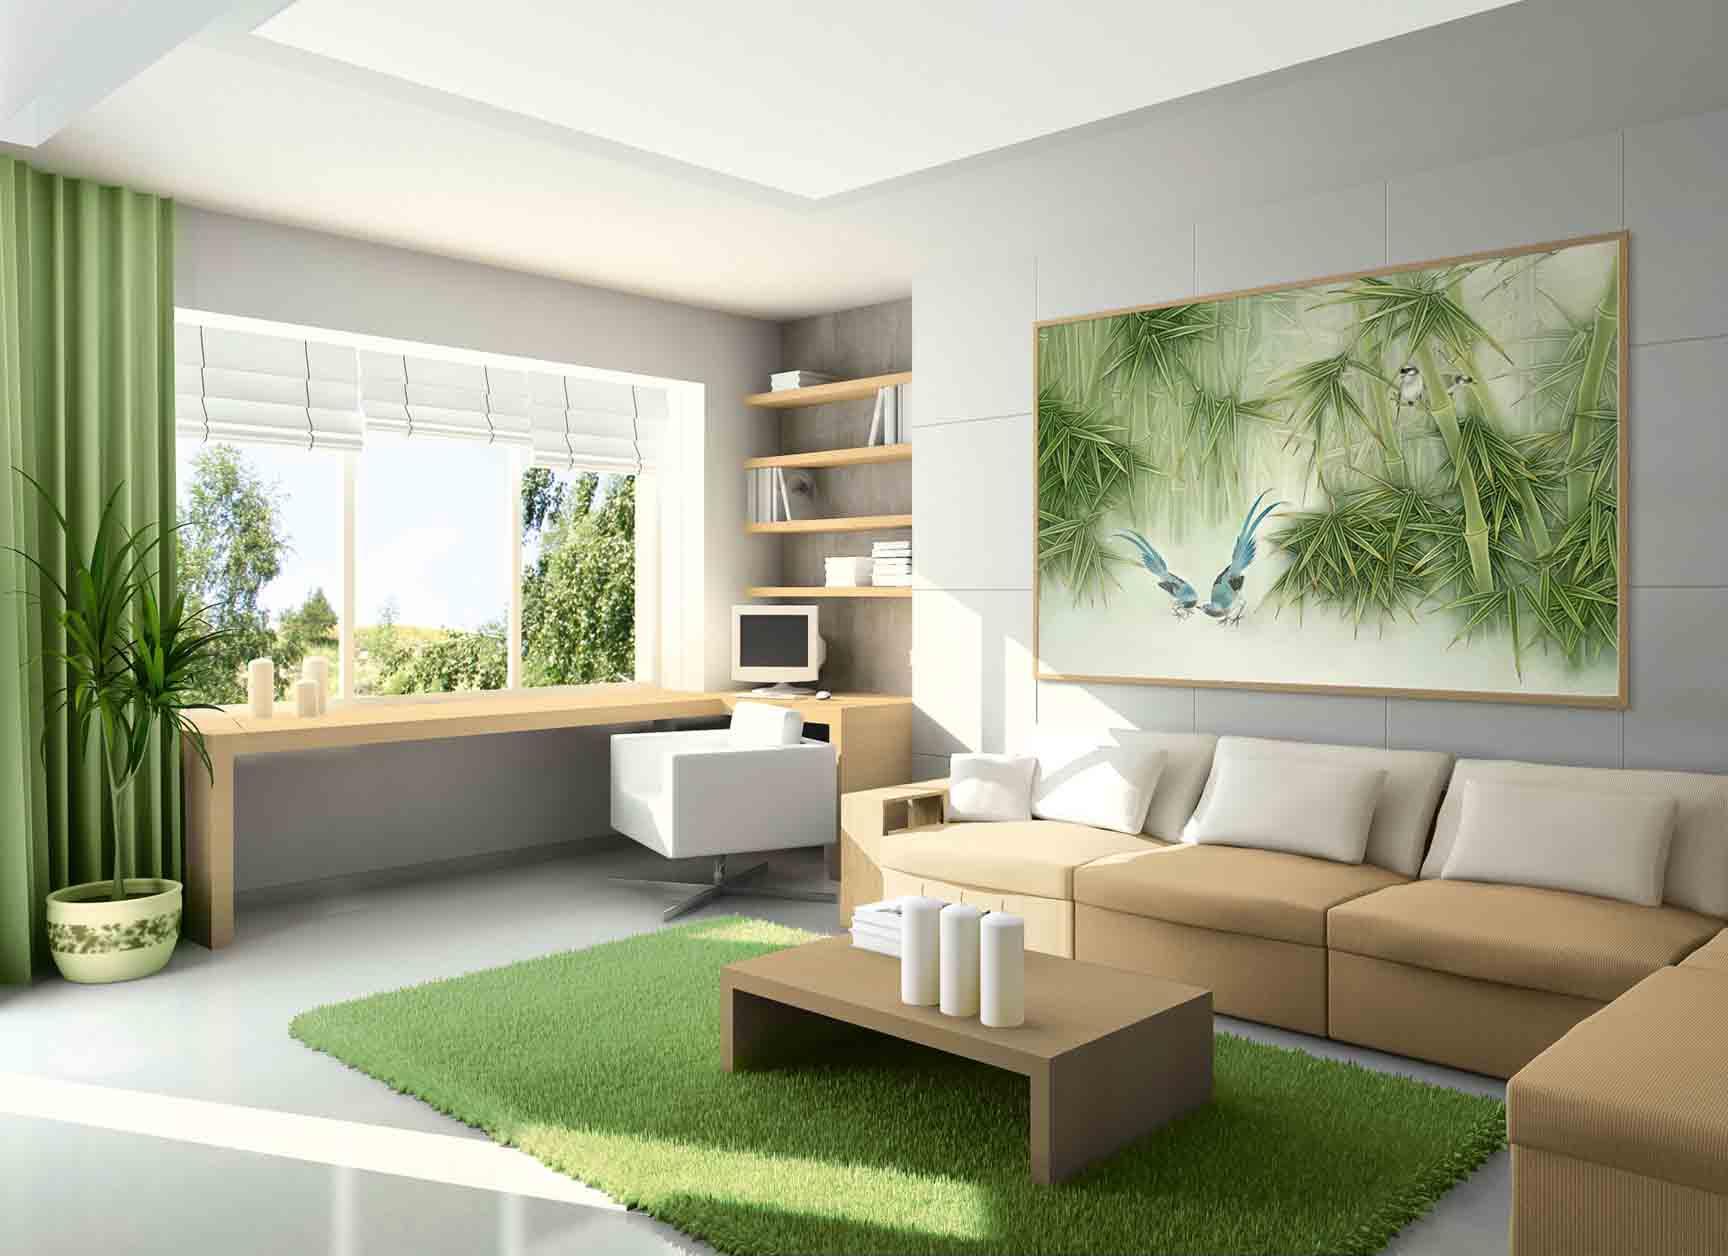 Картина с изображением бамбука в интерьере